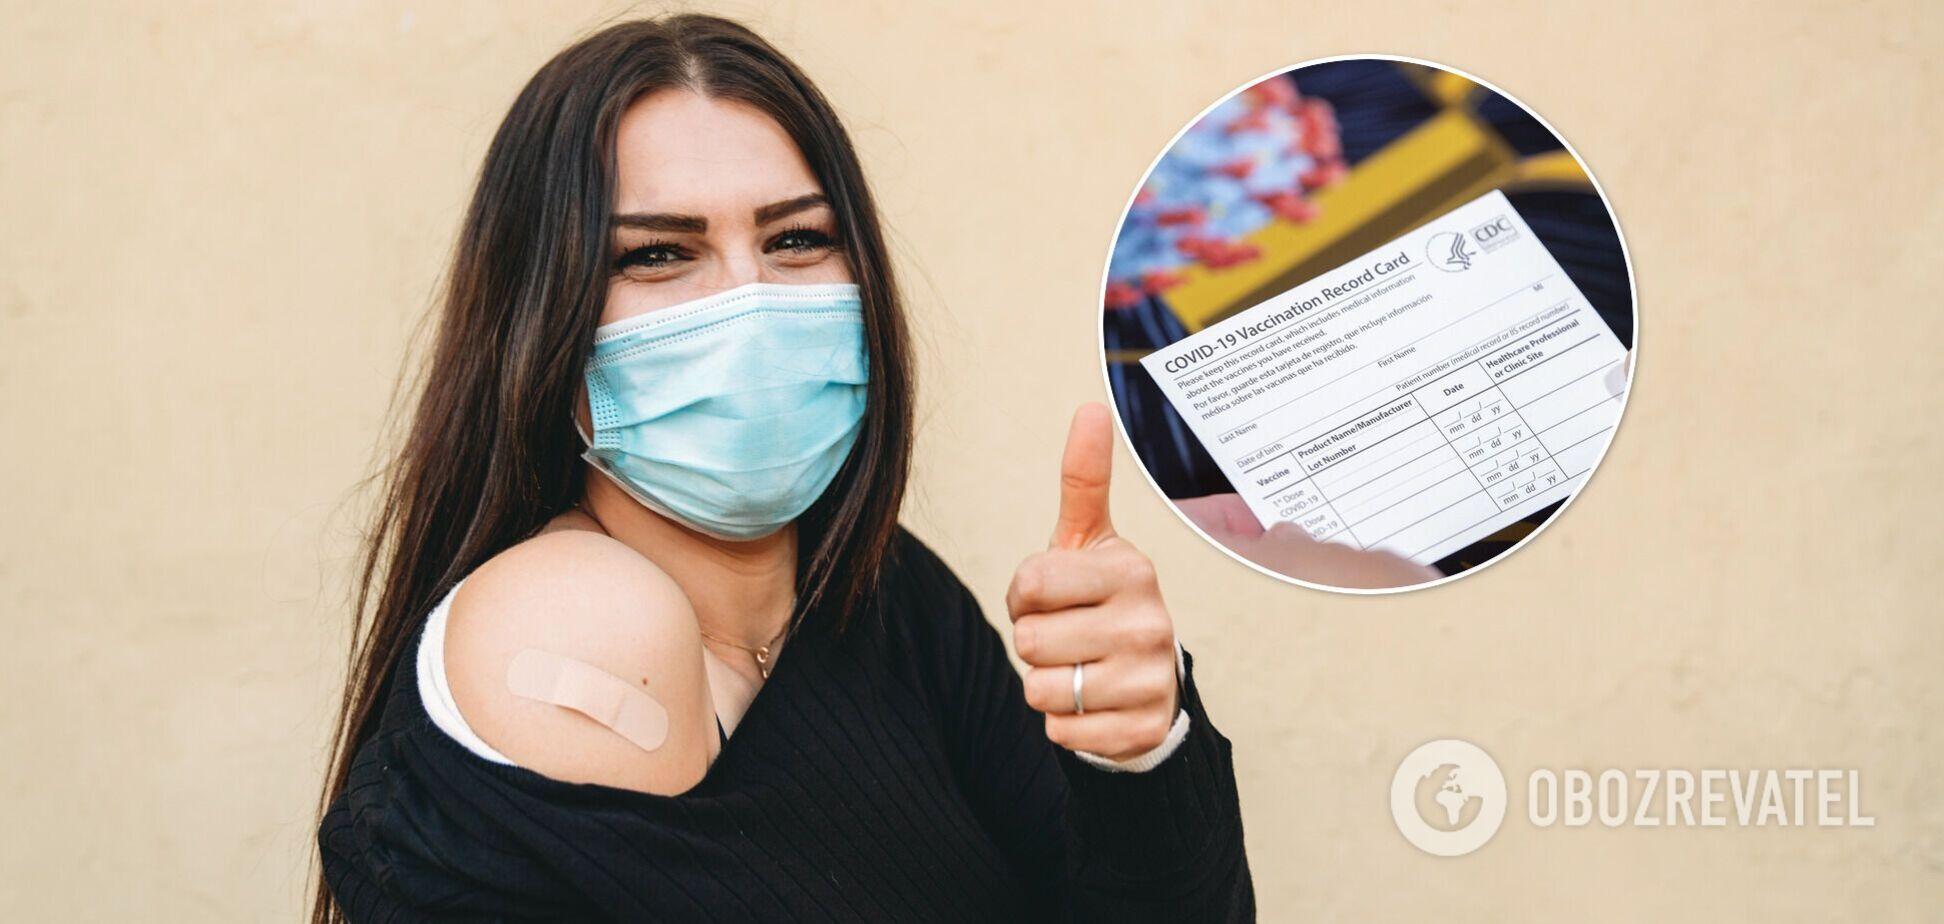 Свідоцтво про вакцинацію від COVID-19 у США